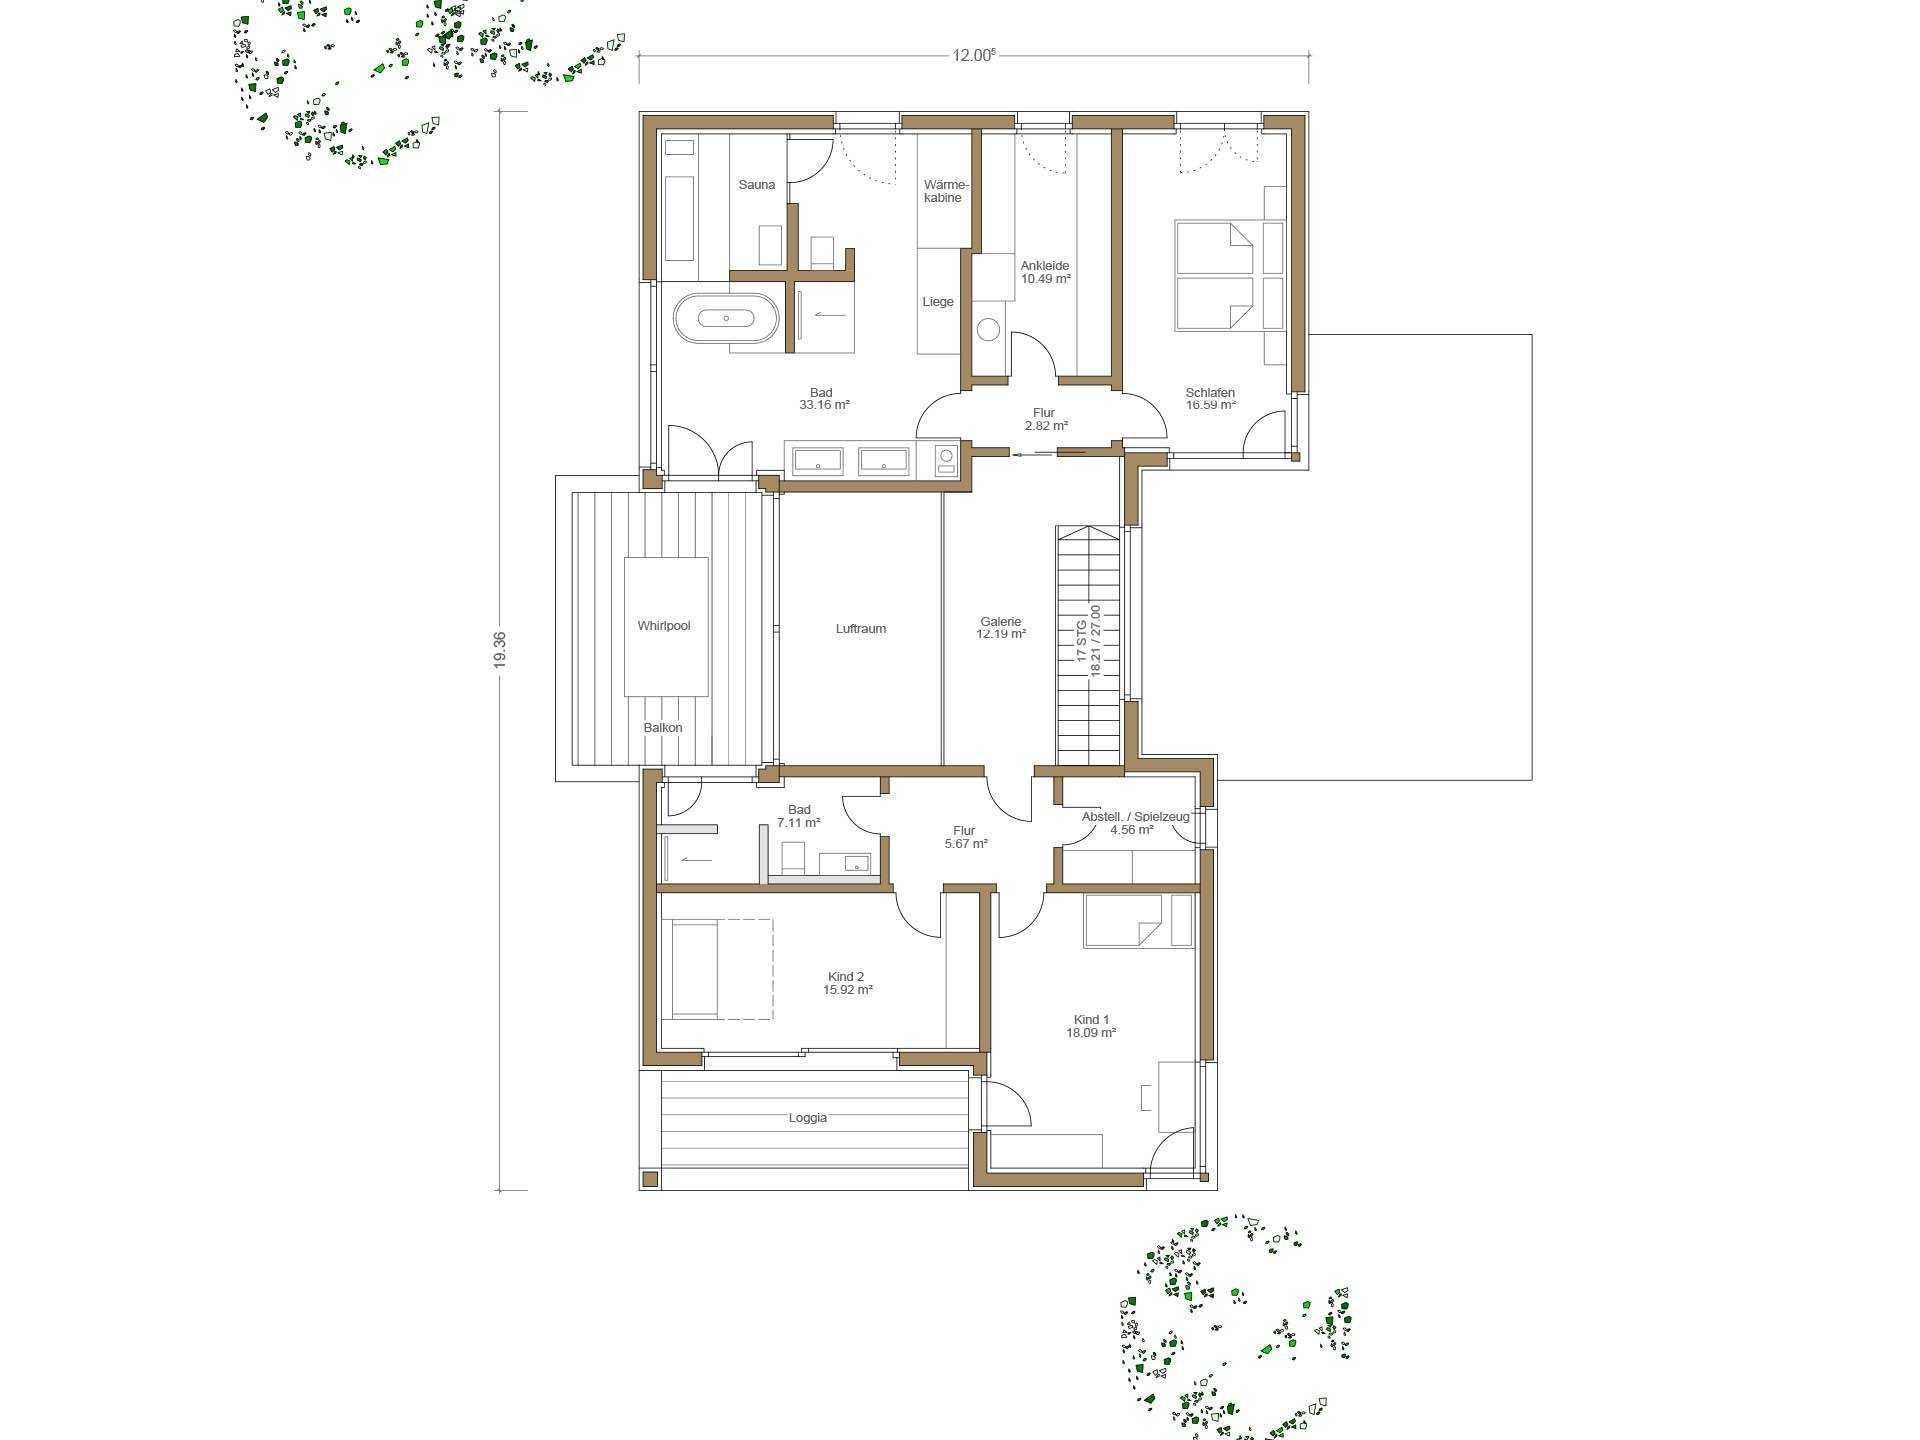 Das Geeignete Kubushaus Mithilfe Von Musterhausnet Finden